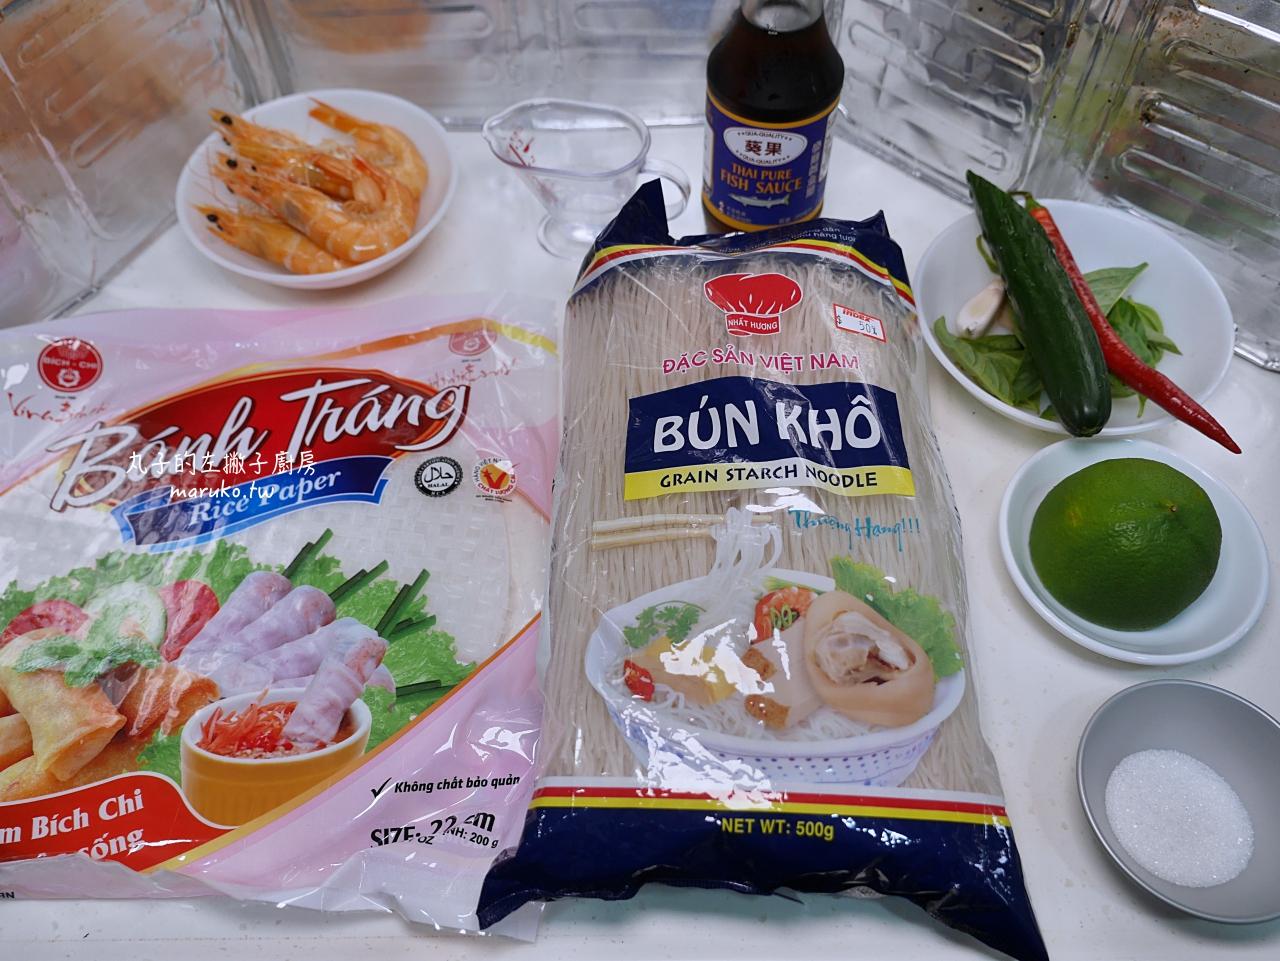 【食譜】越南生春捲|夏日涼爽低卡路里的午餐做法 @Maruko與美食有個約會